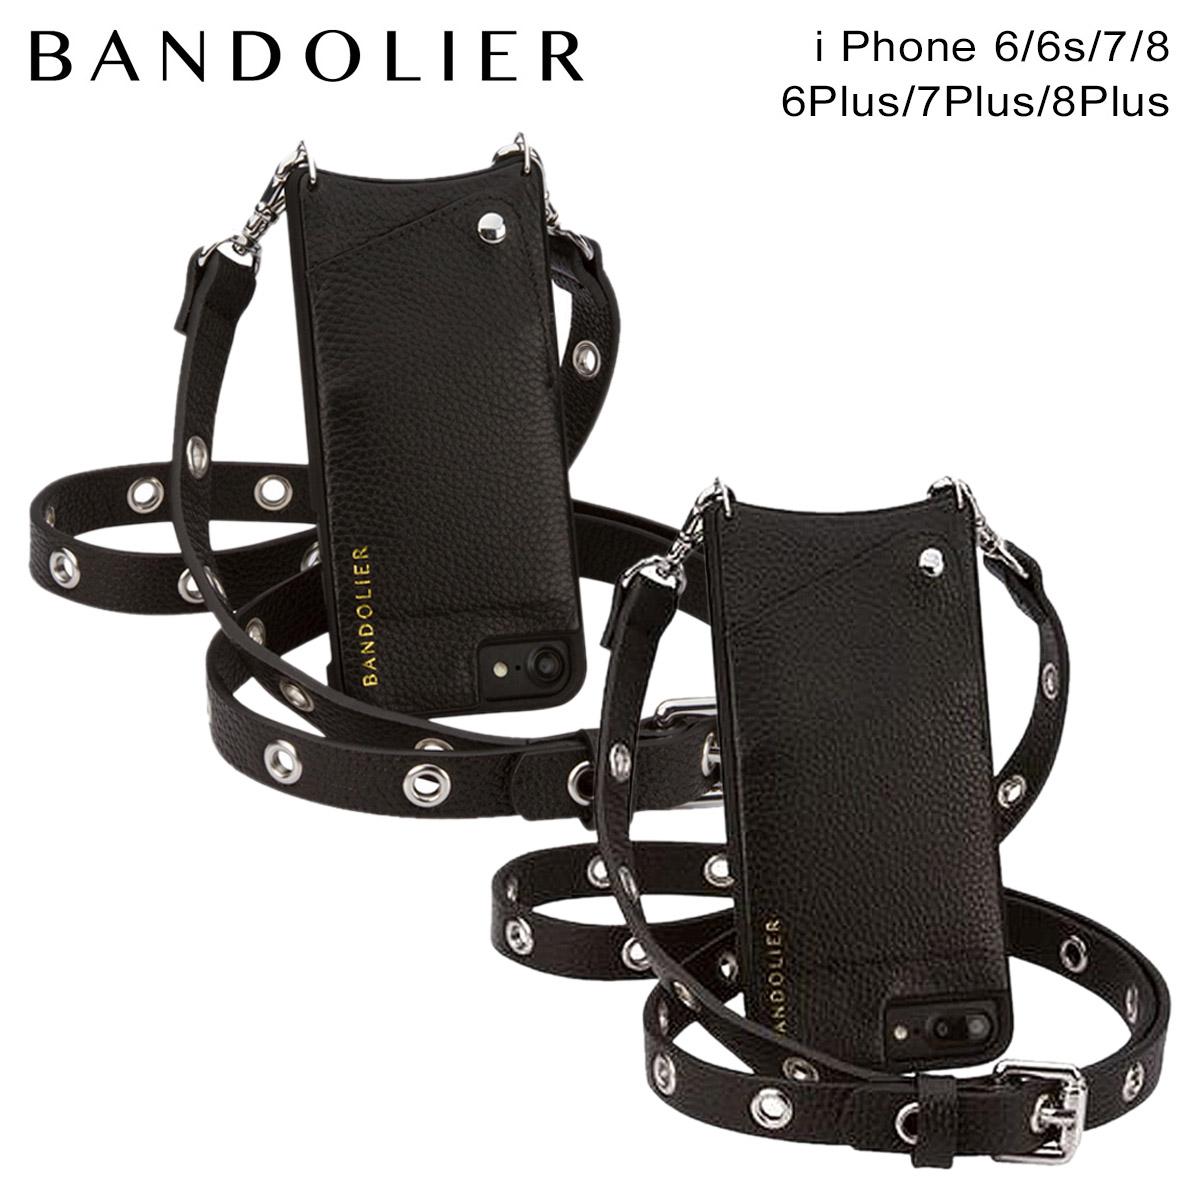 7d34da053b iPhone用(6/6s/7/8) iPhone Plus用(6/6s/7/8)  BANDOLIERバンドリヤーiPhone8iPhone77Plus6sケーススマホ ...